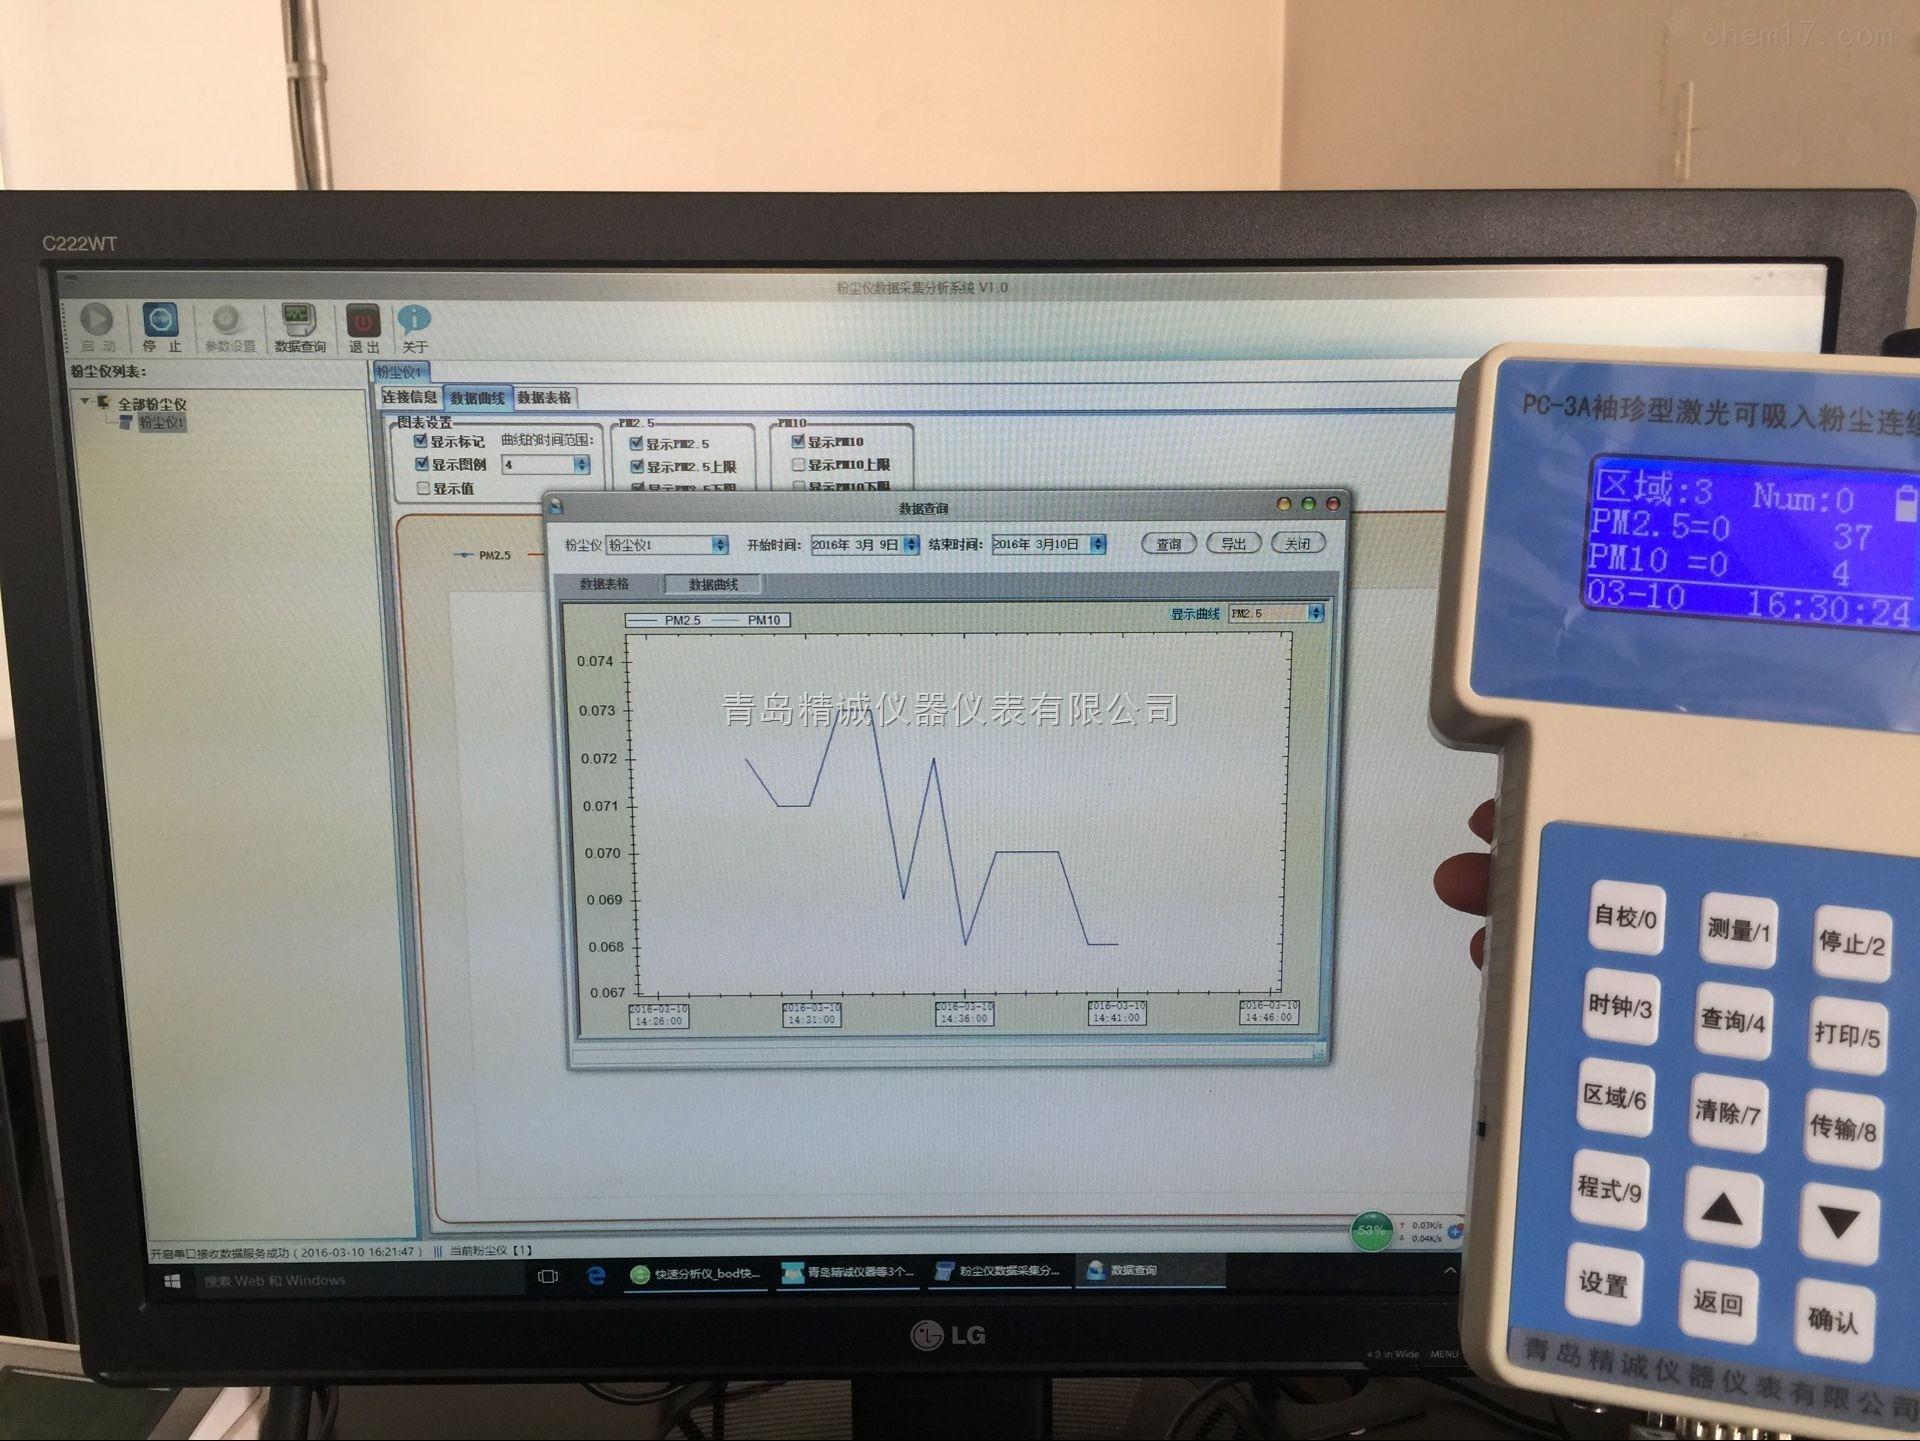 5实时检测数据分析仪